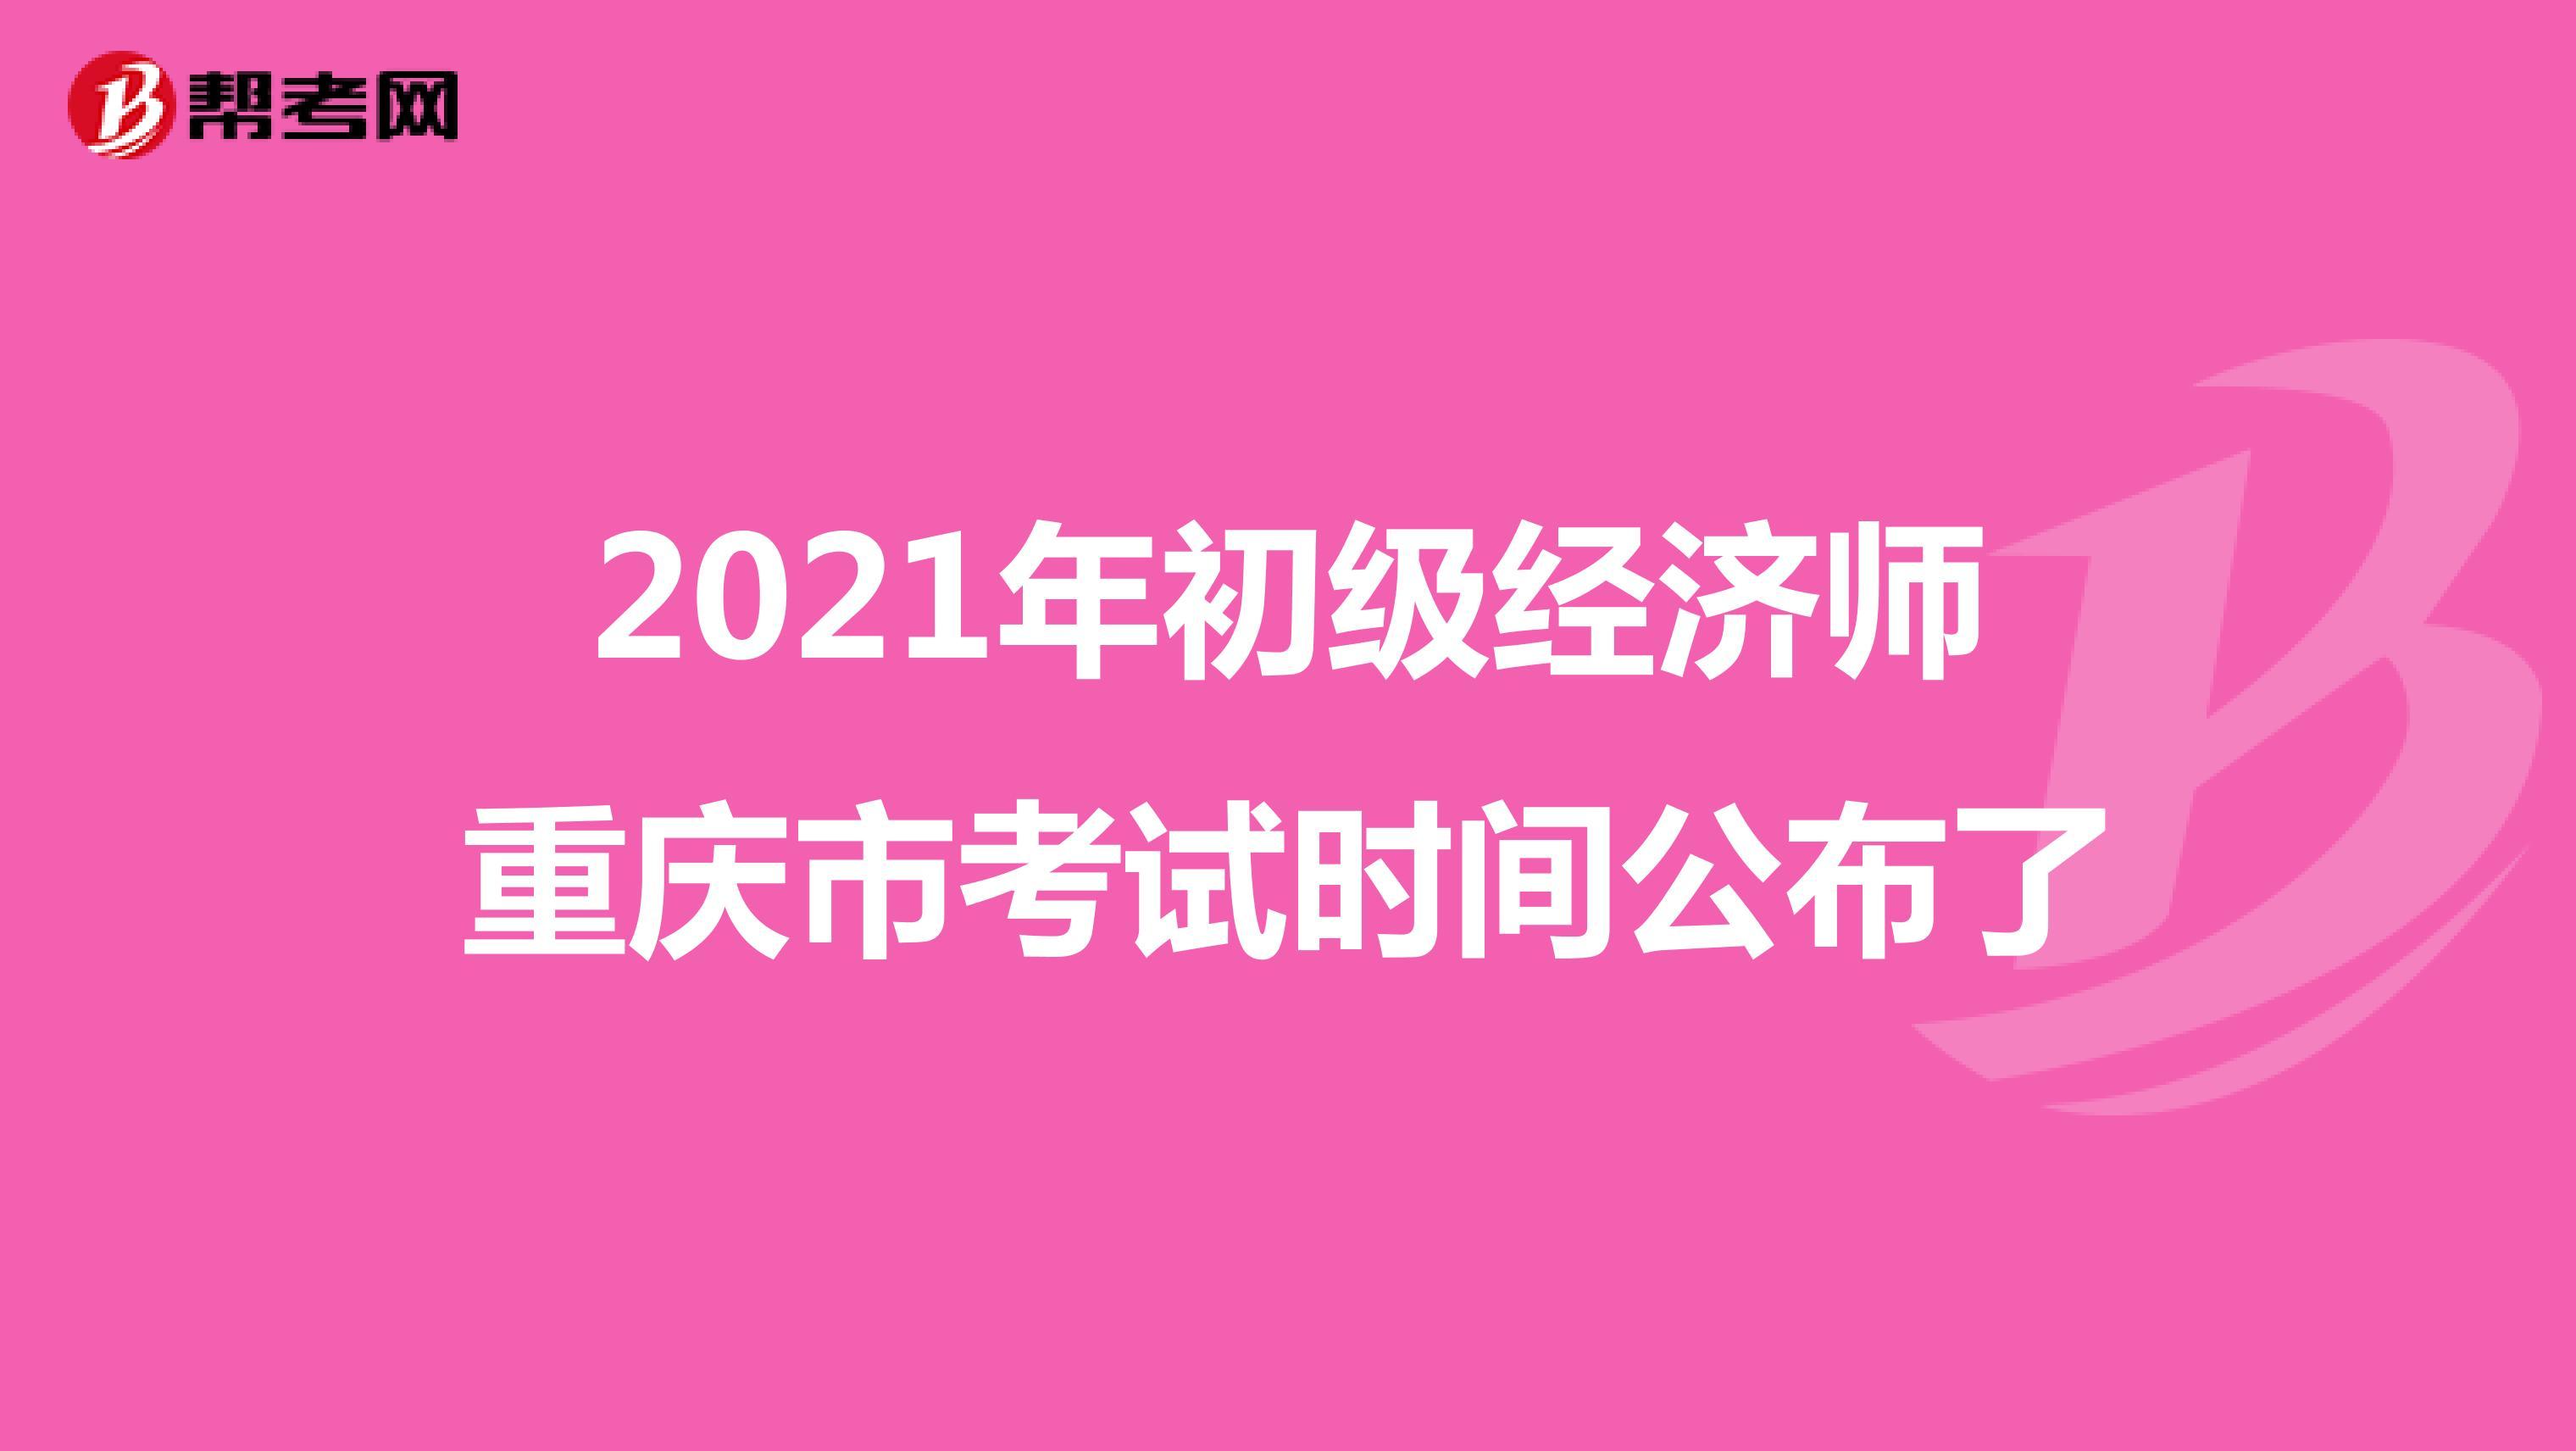 2021年初級經濟師重慶市考試時間公布了